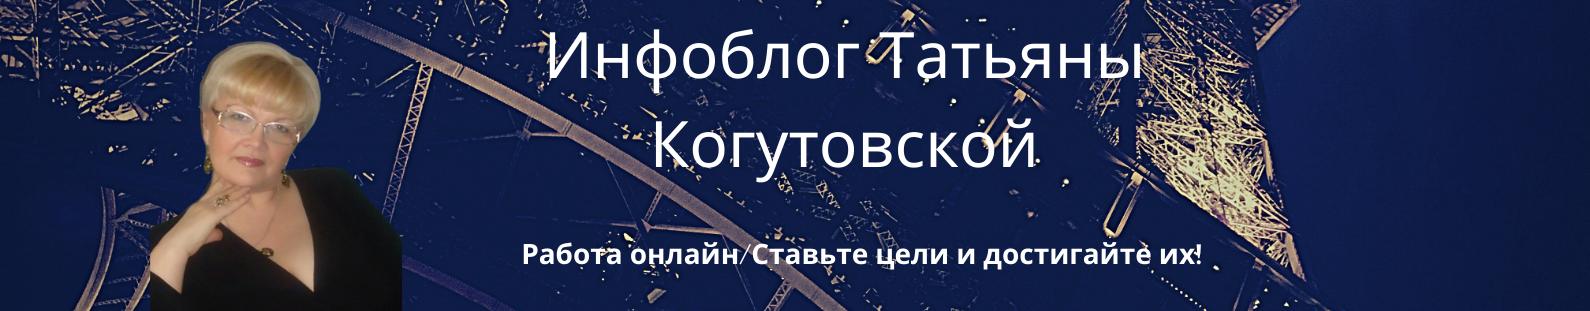 Инфоблог Татьяны Когутовской